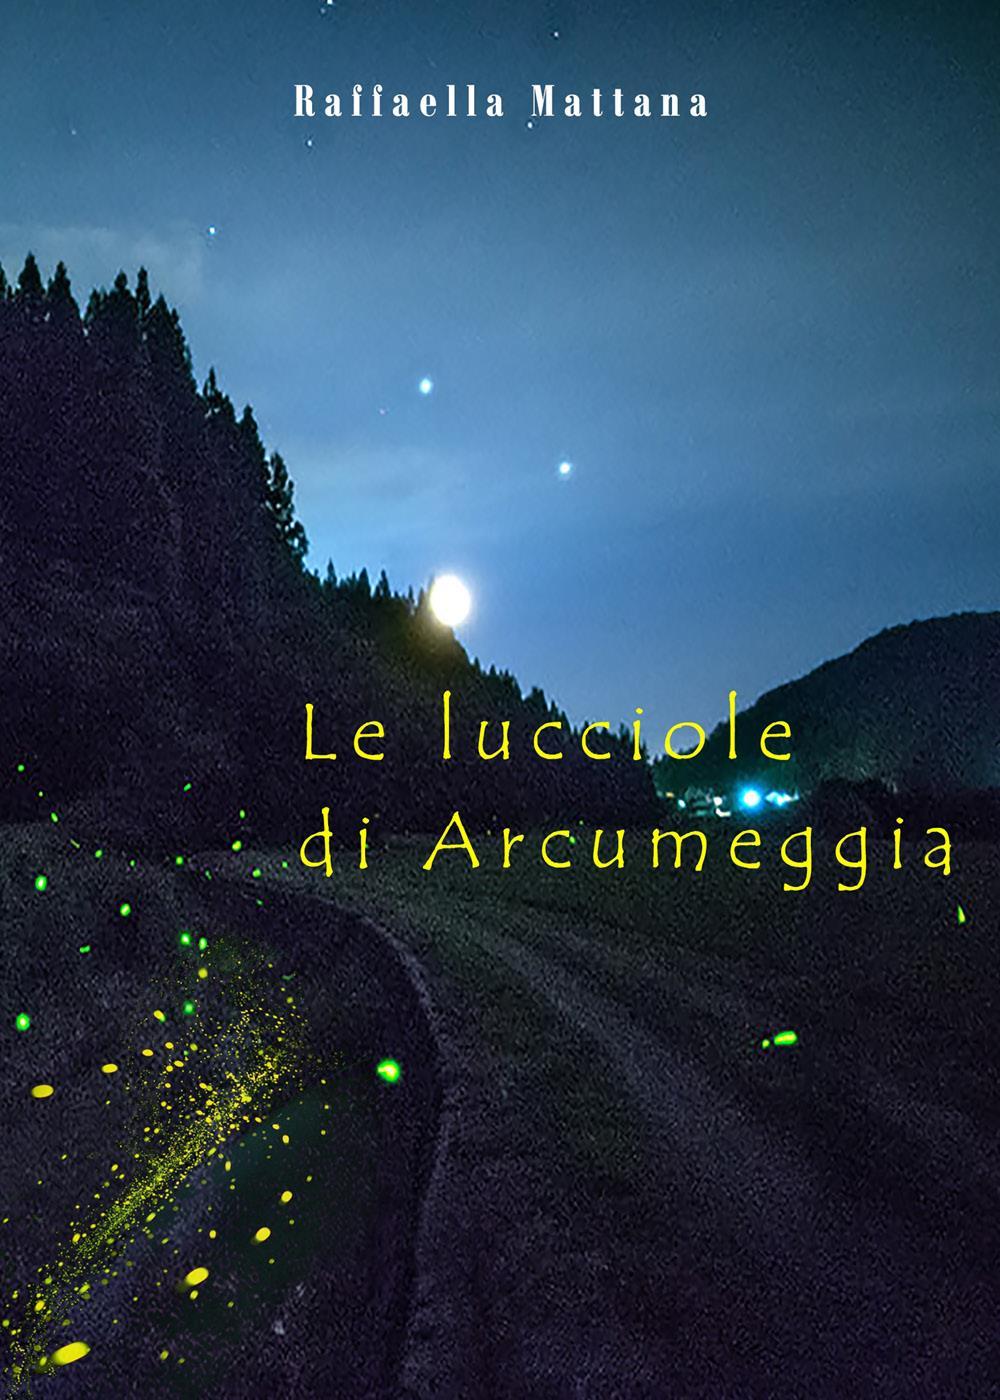 Le lucciole di Arcumeggia